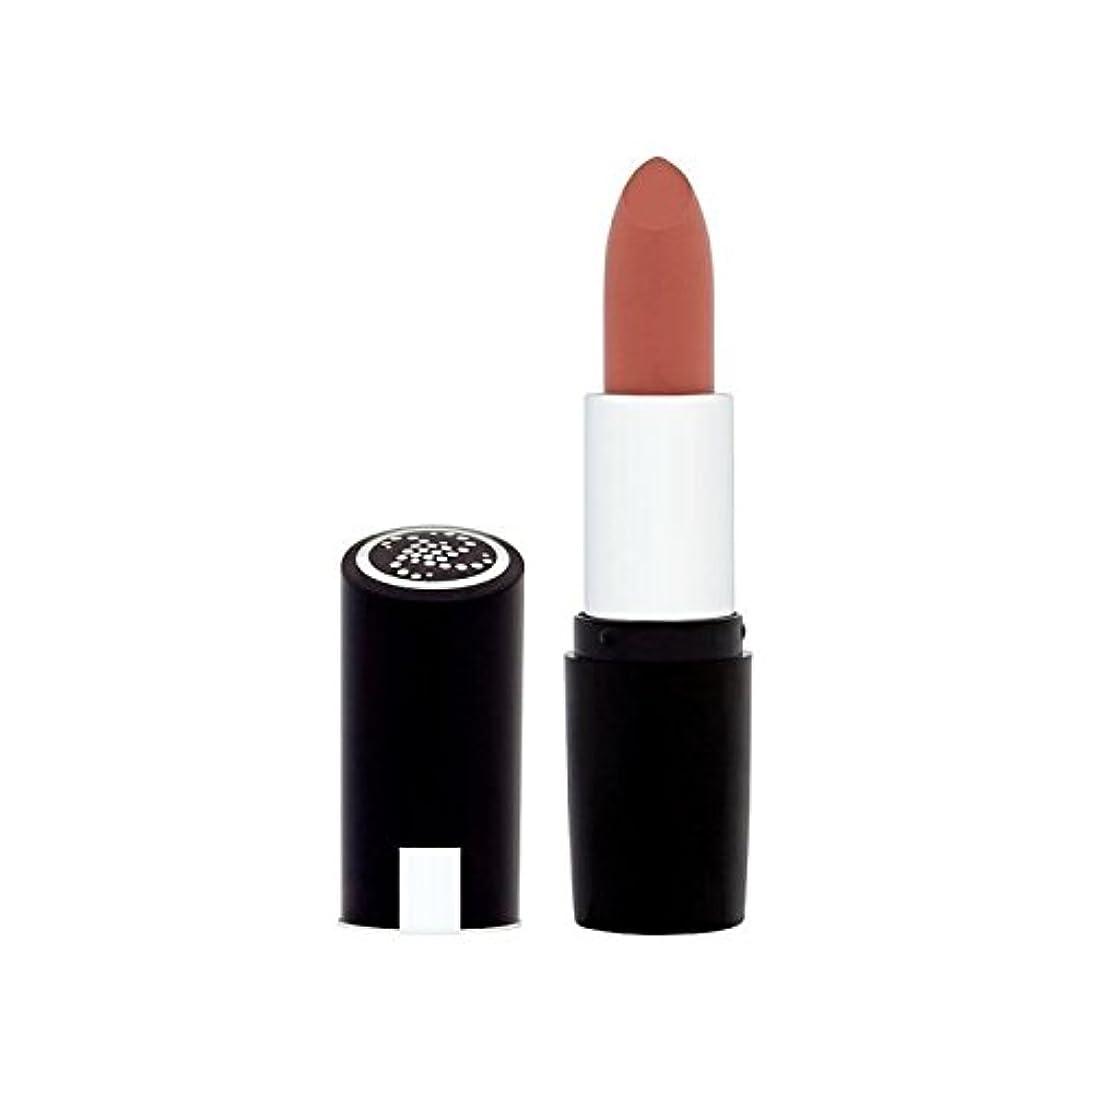 販売員印象派宣教師コレクション持続的な色の口紅のカフェオレ22 x4 - Collection Lasting Colour Lipstick Cafe au Lait 22 (Pack of 4) [並行輸入品]